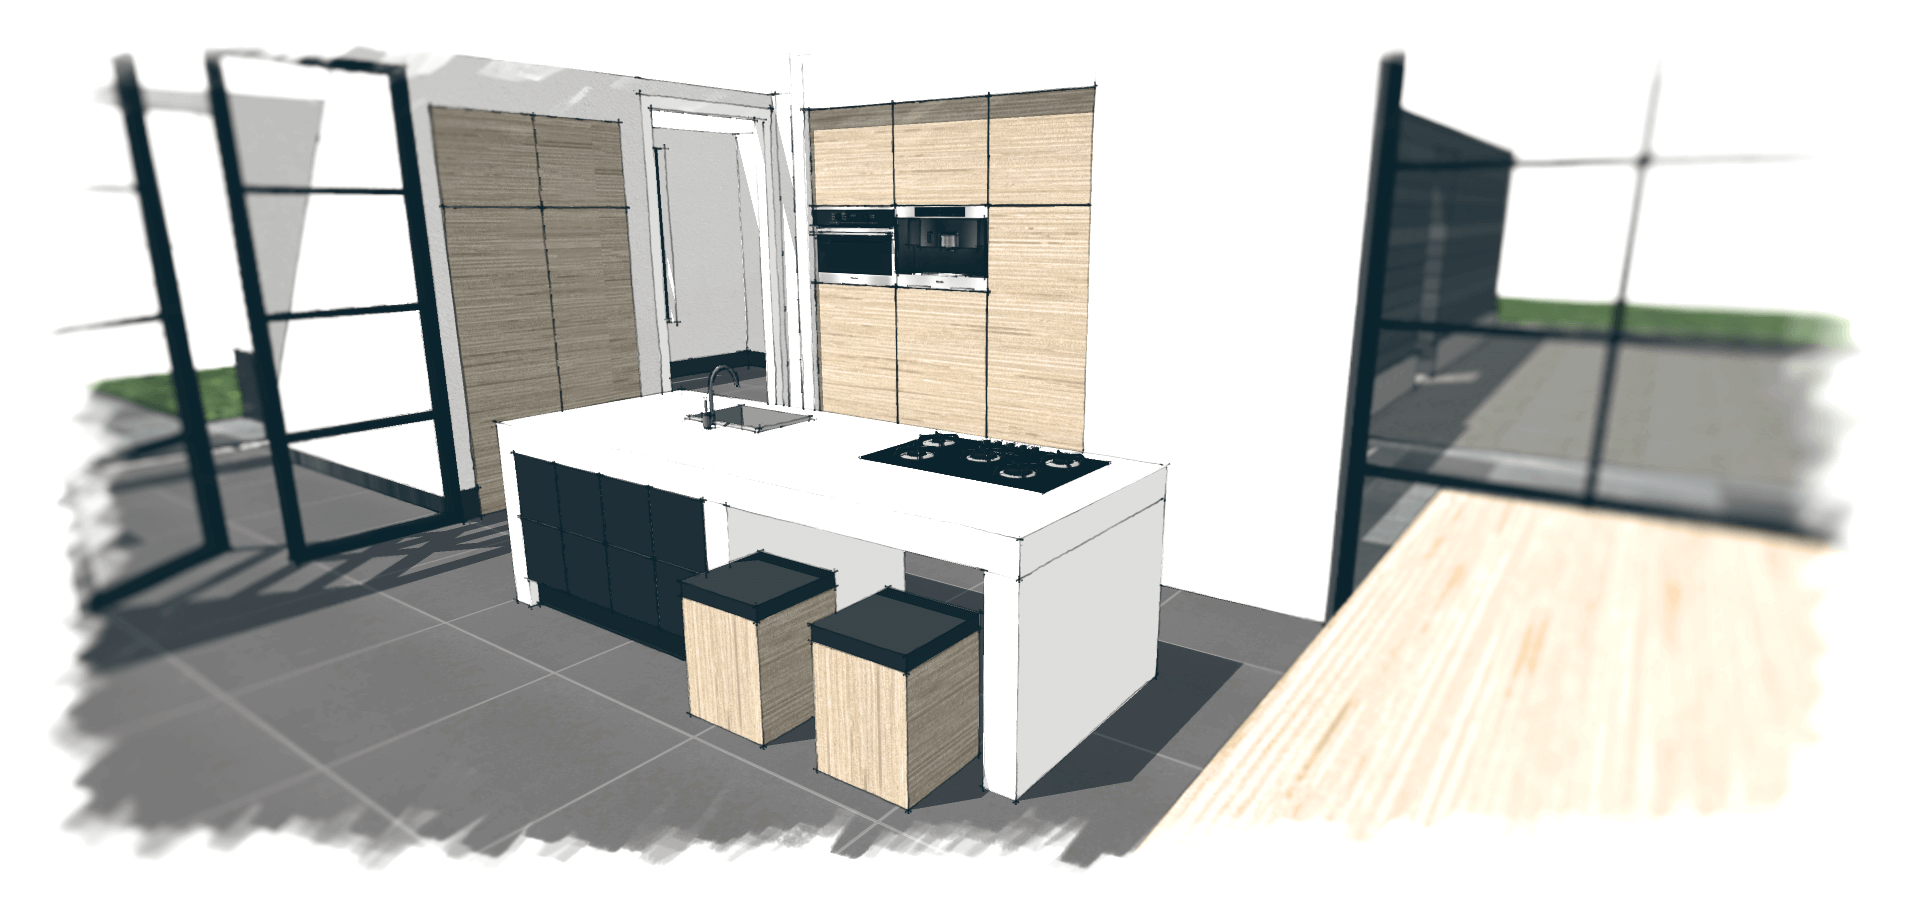 Welke keukenindeling past het beste bij jou jouw woning for Keuken tekenen programma